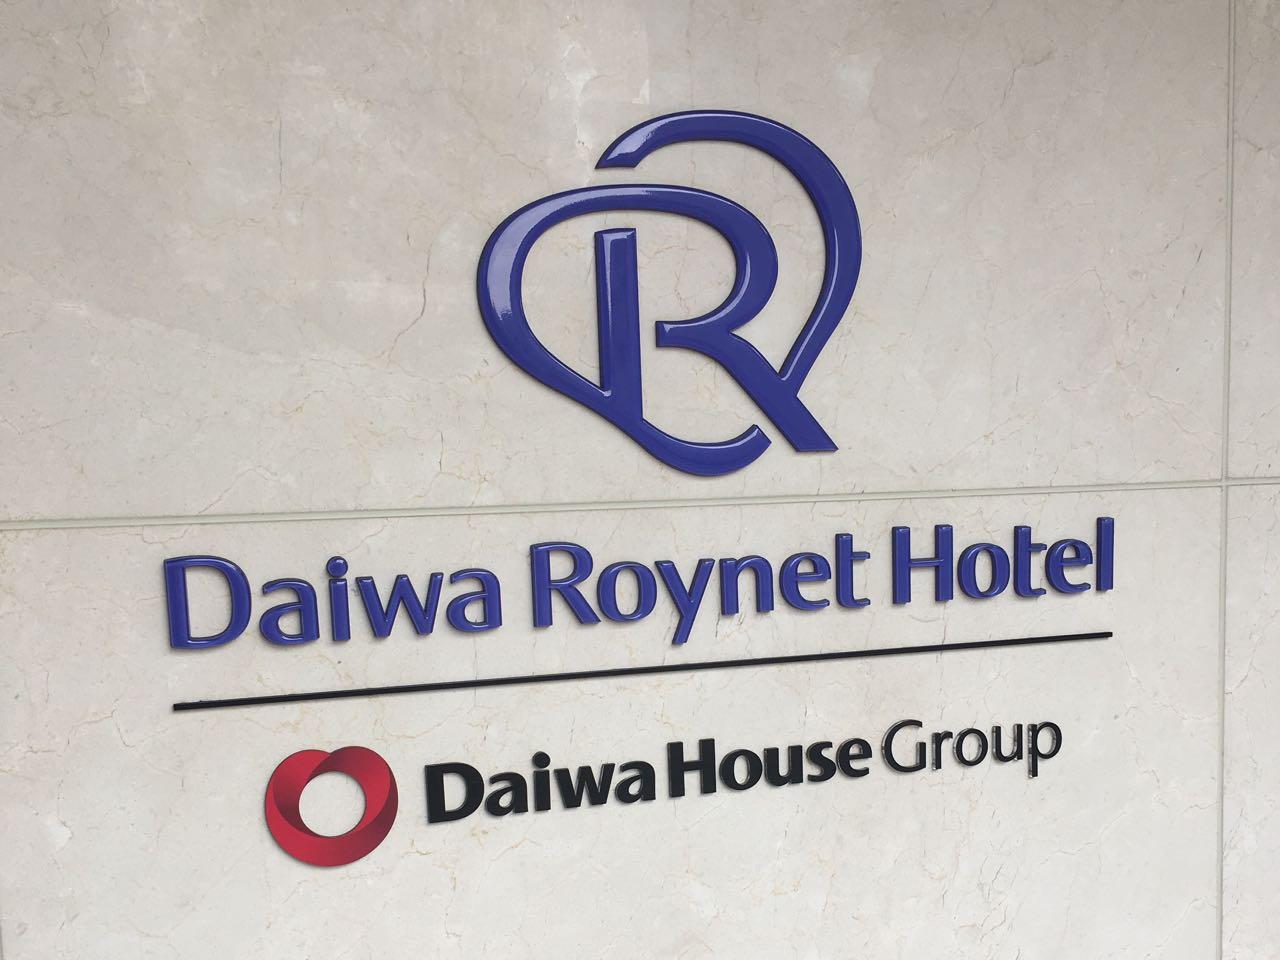 ダイワロイネットホテル_daiwa roynet hotel